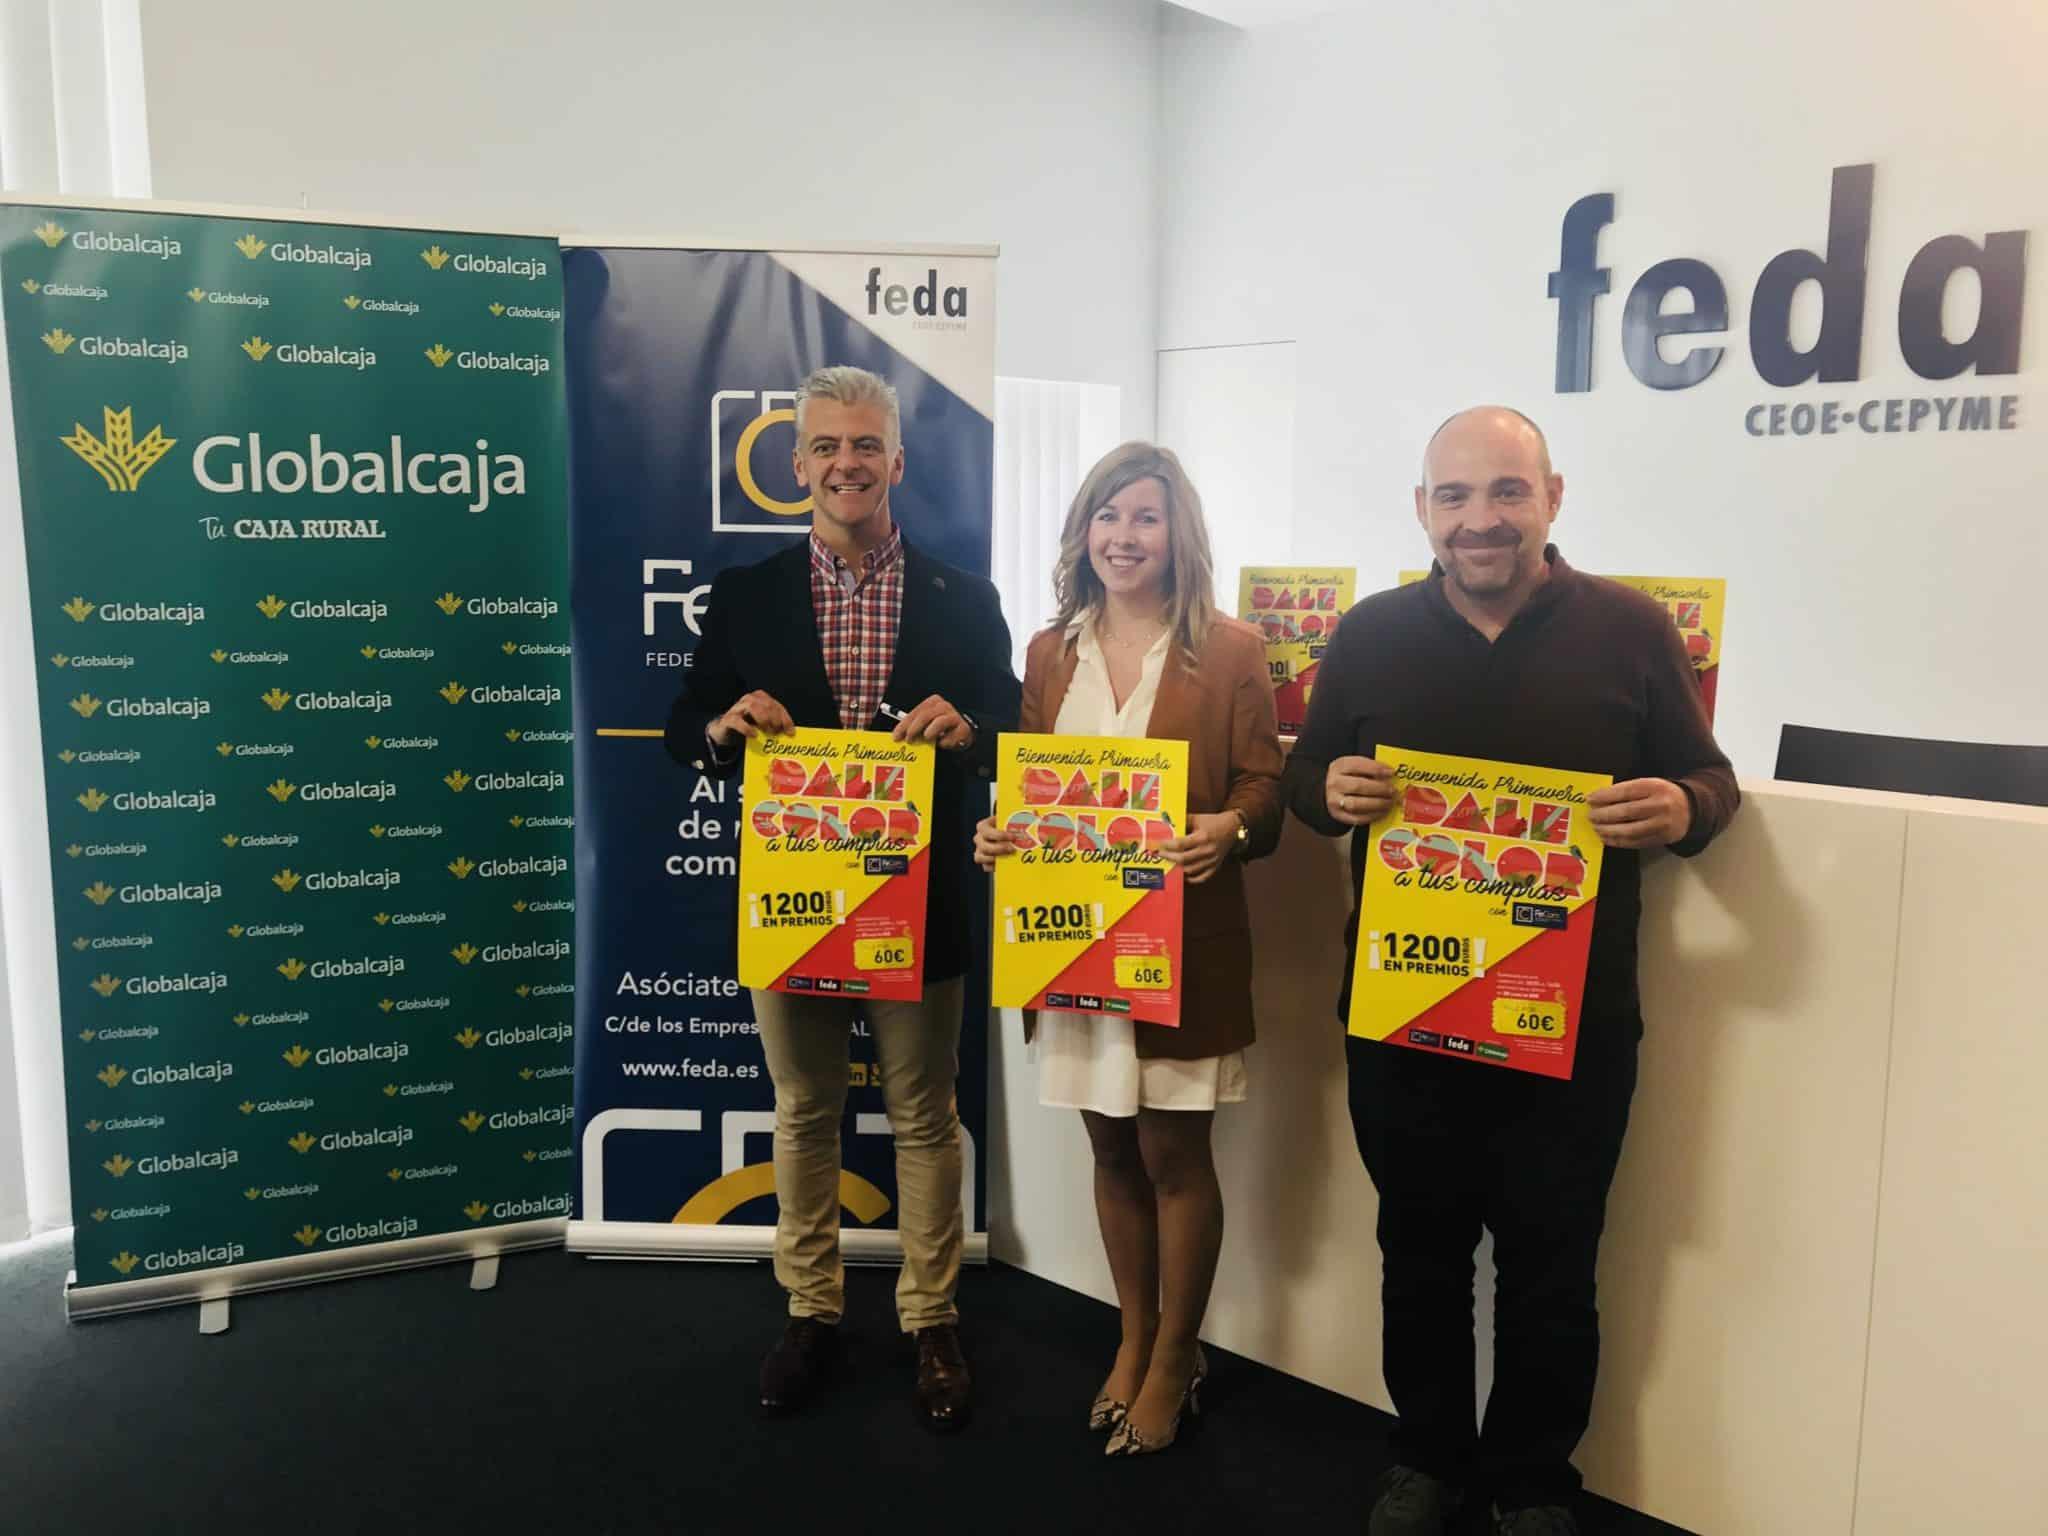 https://blog.globalcaja.es/wp-content/uploads/2018/05/Bienvenida-primavera-1.jpg